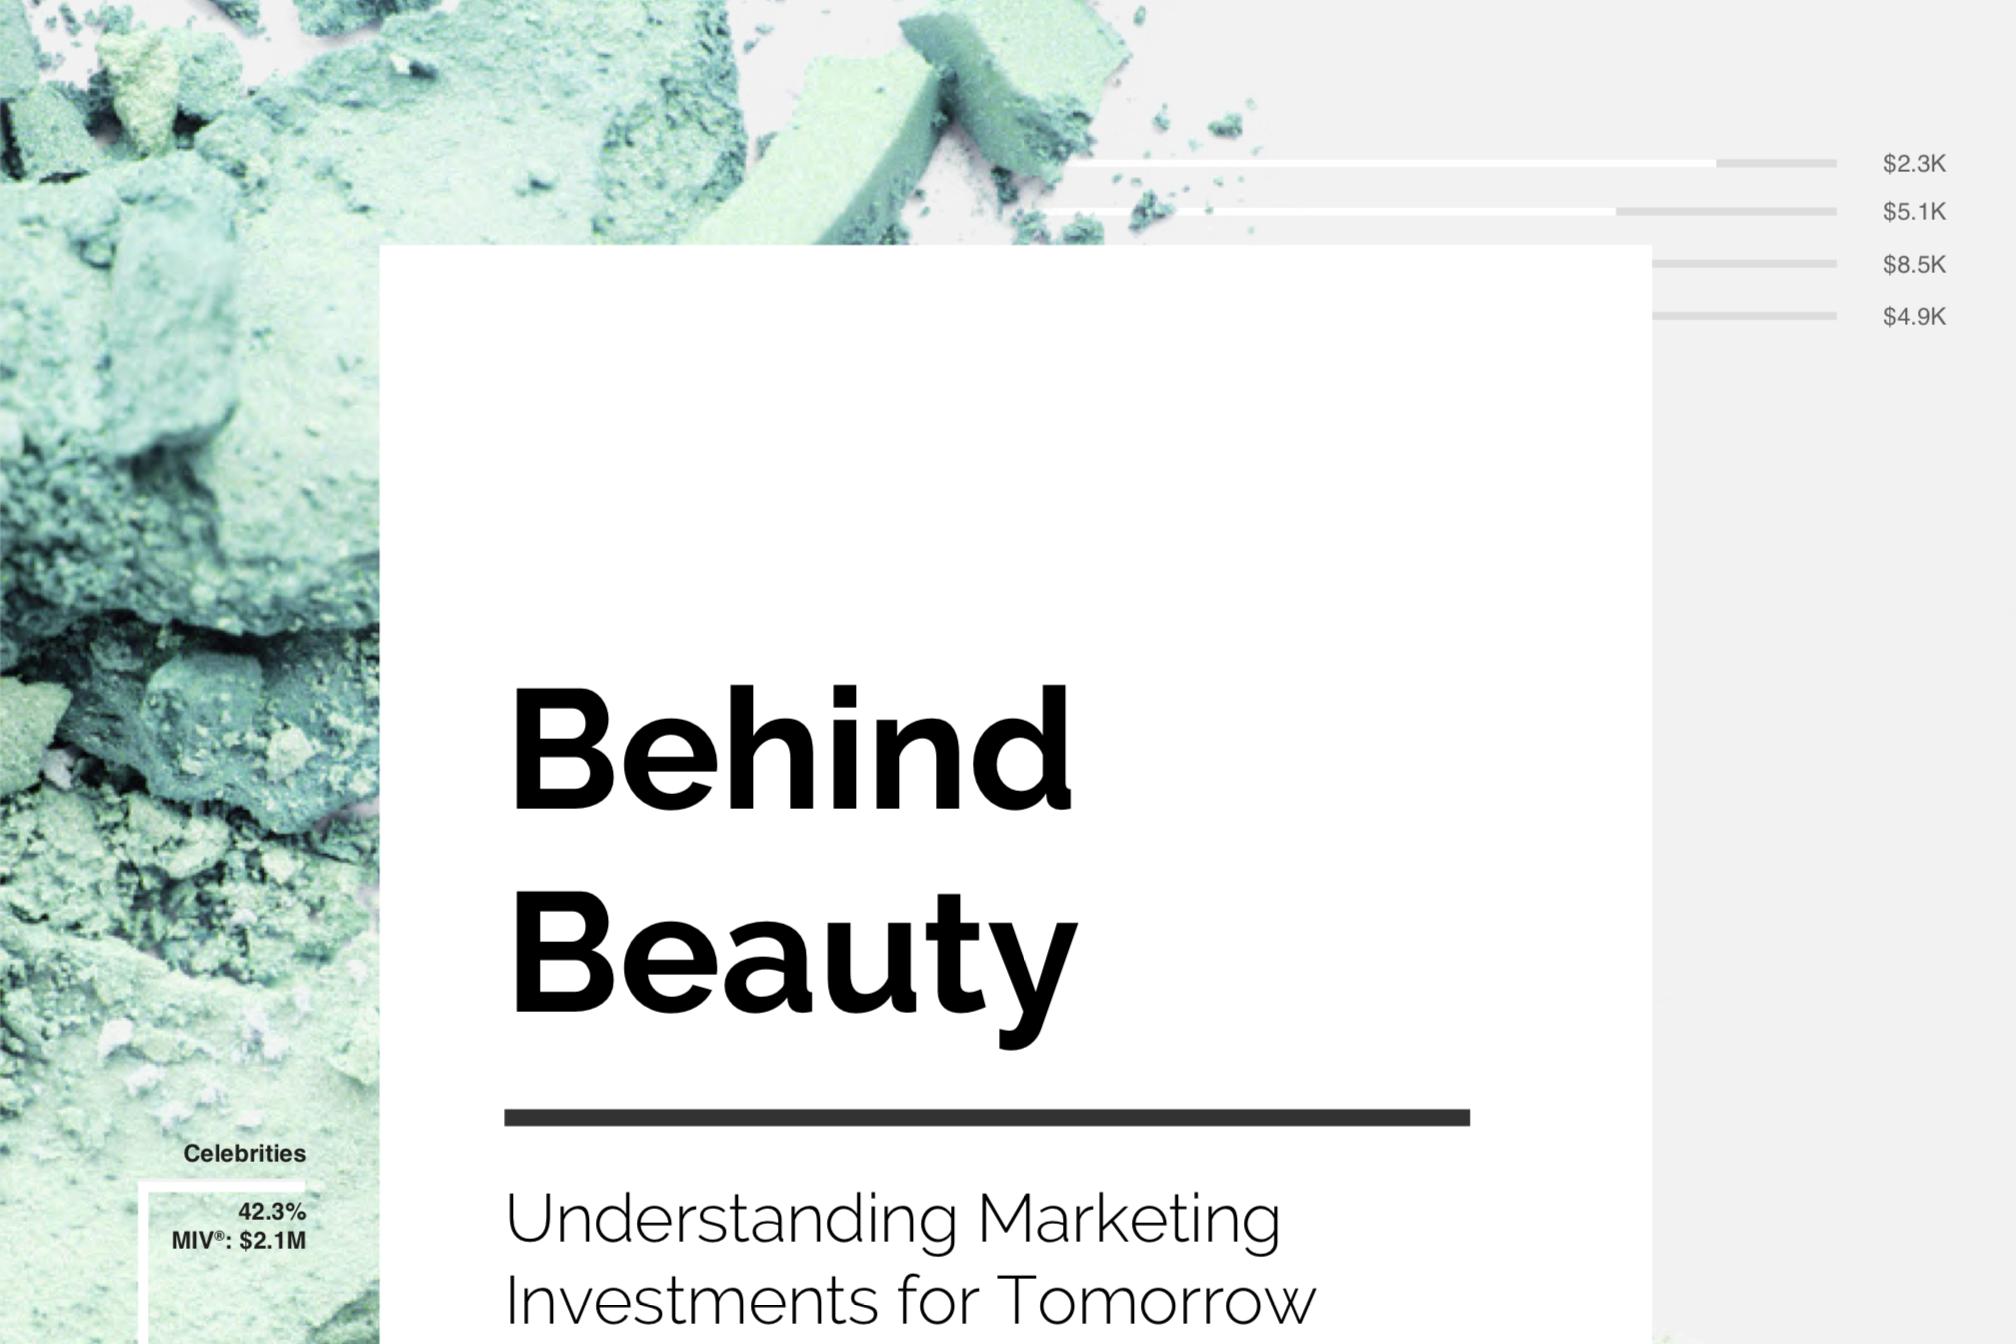 Launchmetrics美妆营销策略分析报告:真实性是扩大影响力的关键!